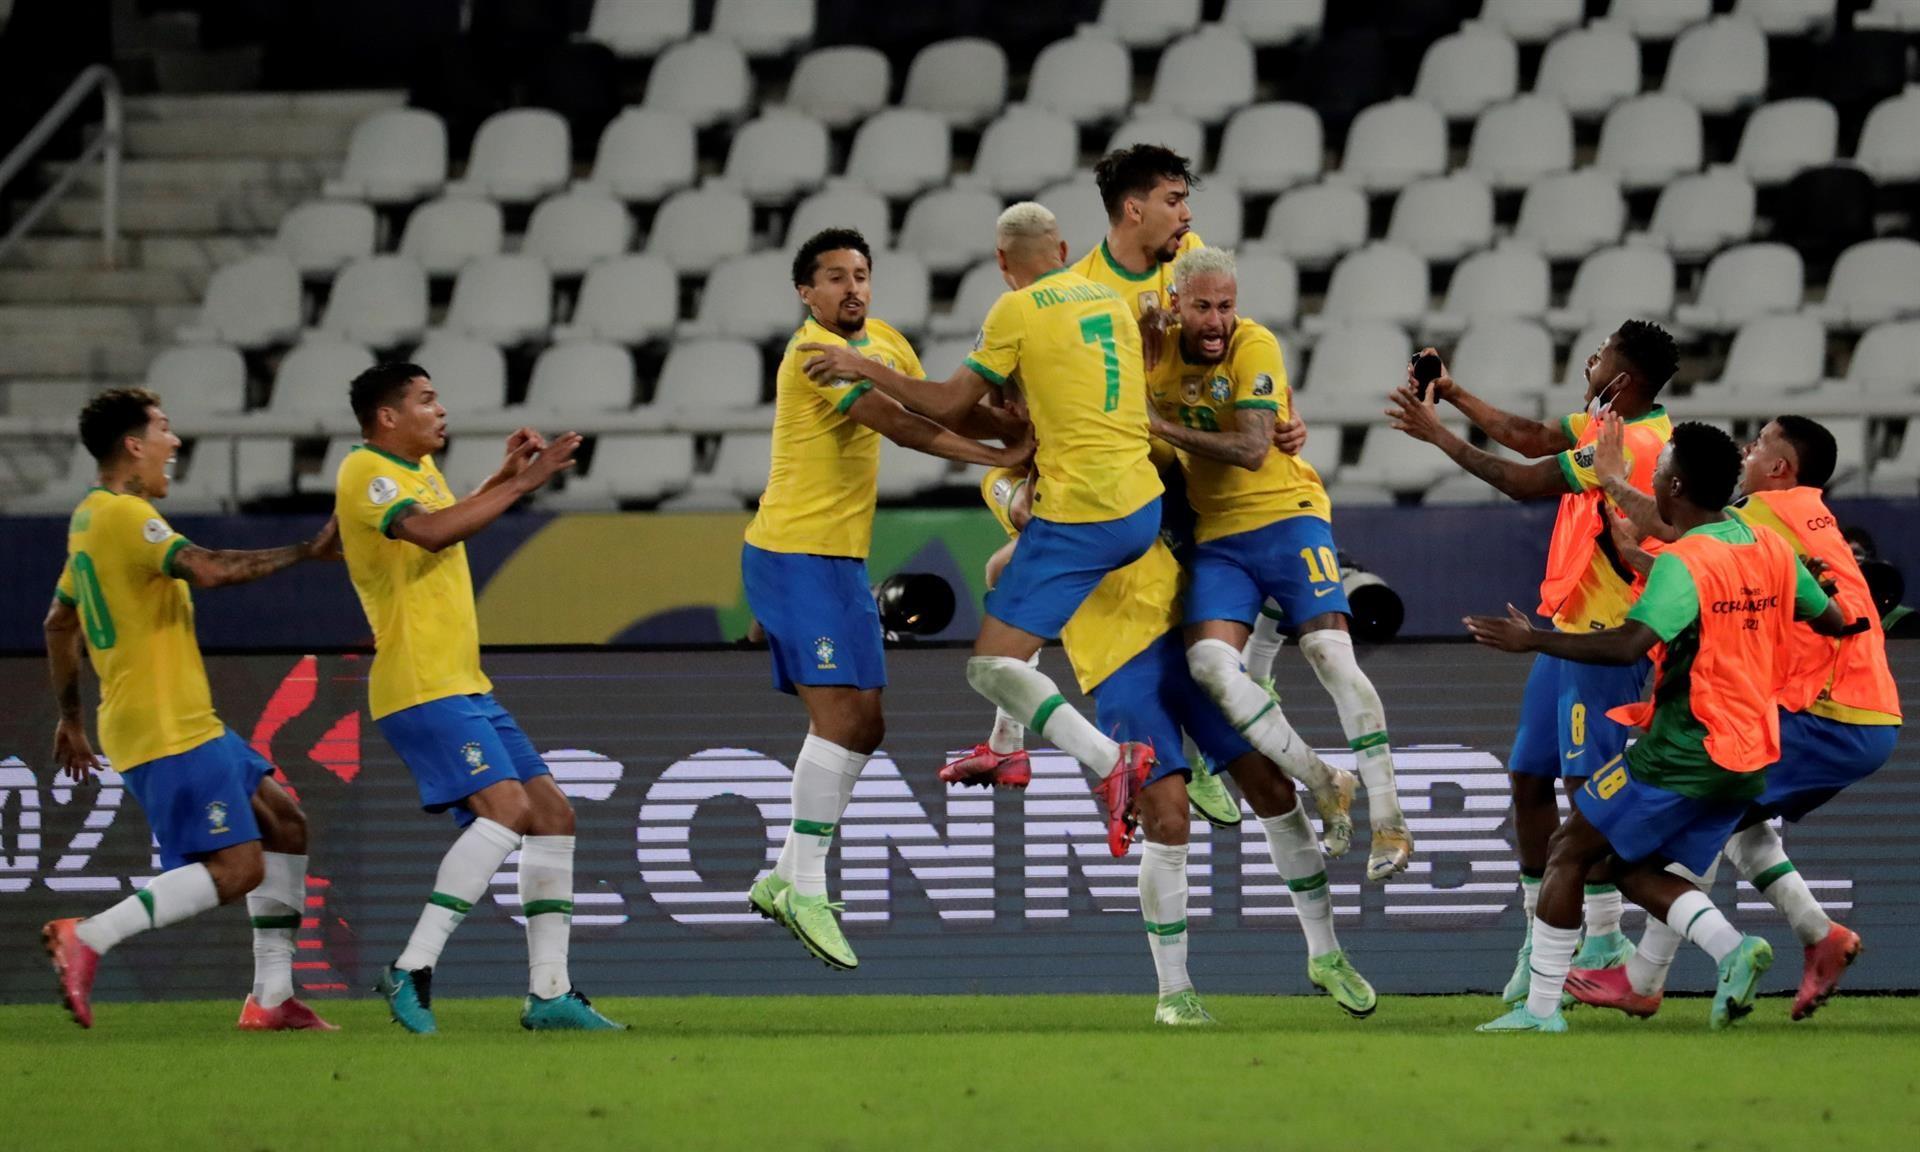 Brasil meledak kegirangan setelah Casemiro mencetak gol untuk mengubah skor menjadi 2-1.  Foto: Copa Amerika.